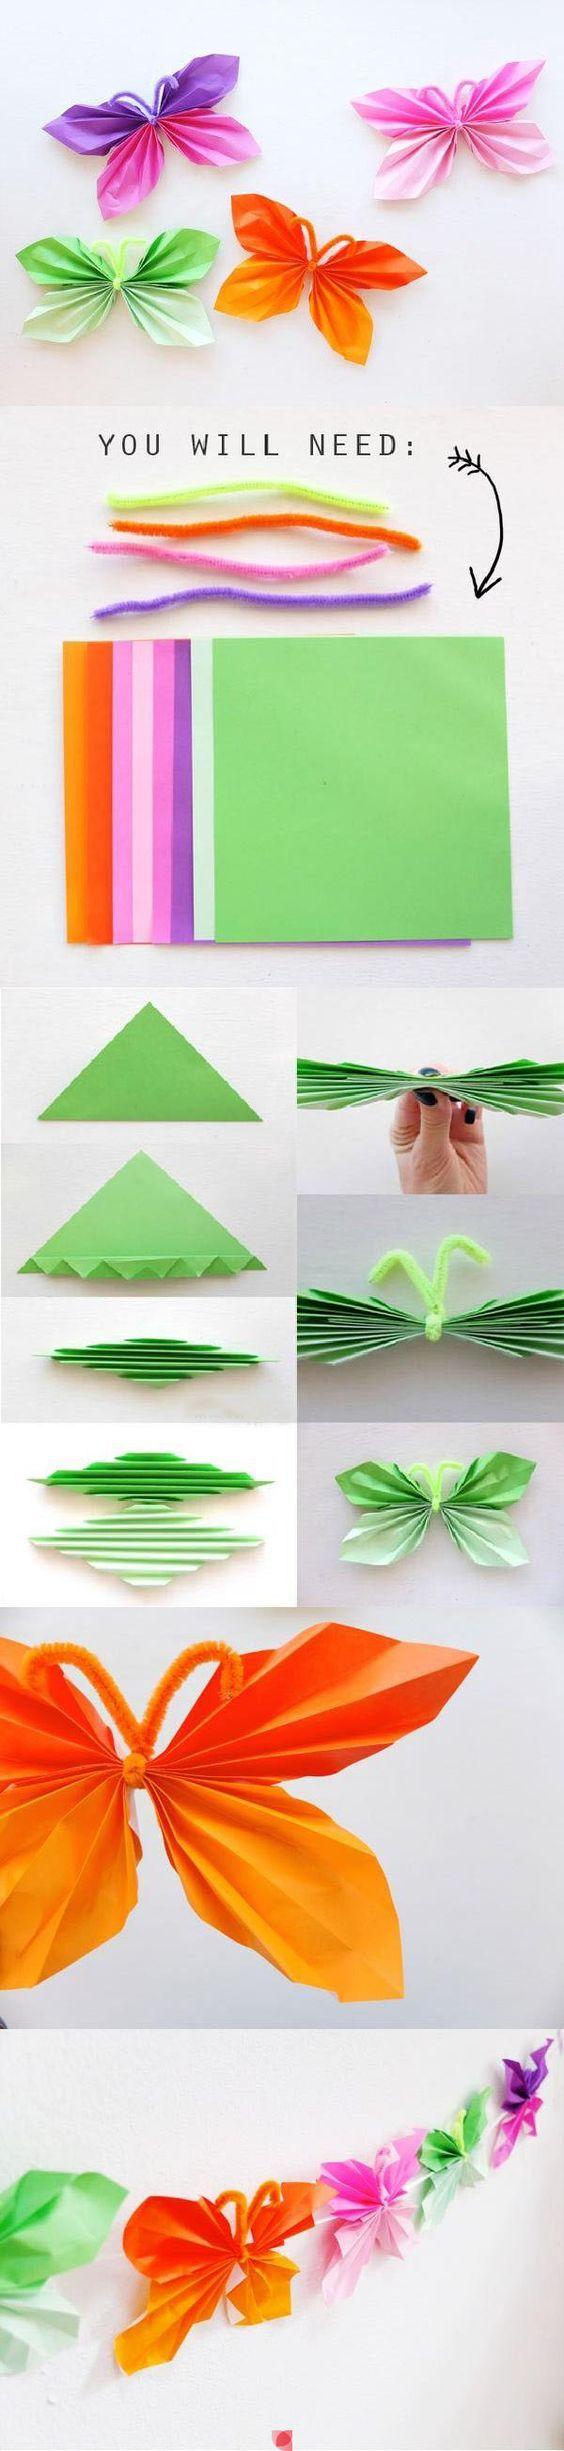 Fai da te farfalle di carta #diy #crafts #paper: